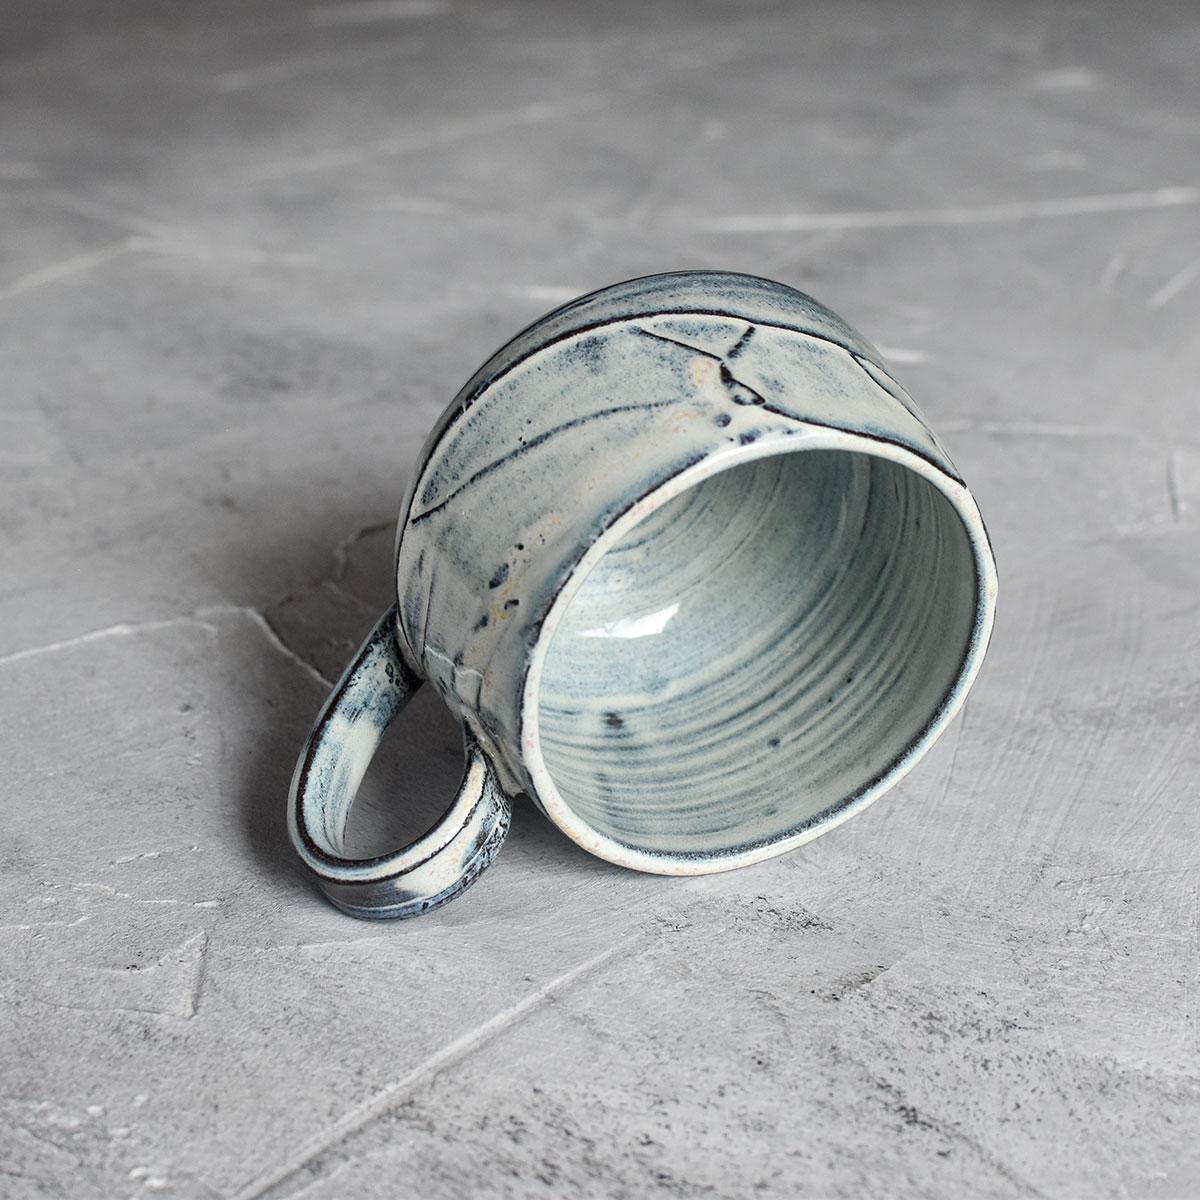 """картинка Керамическая кружка """"Джинсовая серия"""" 06 - DishWishes.Ru"""